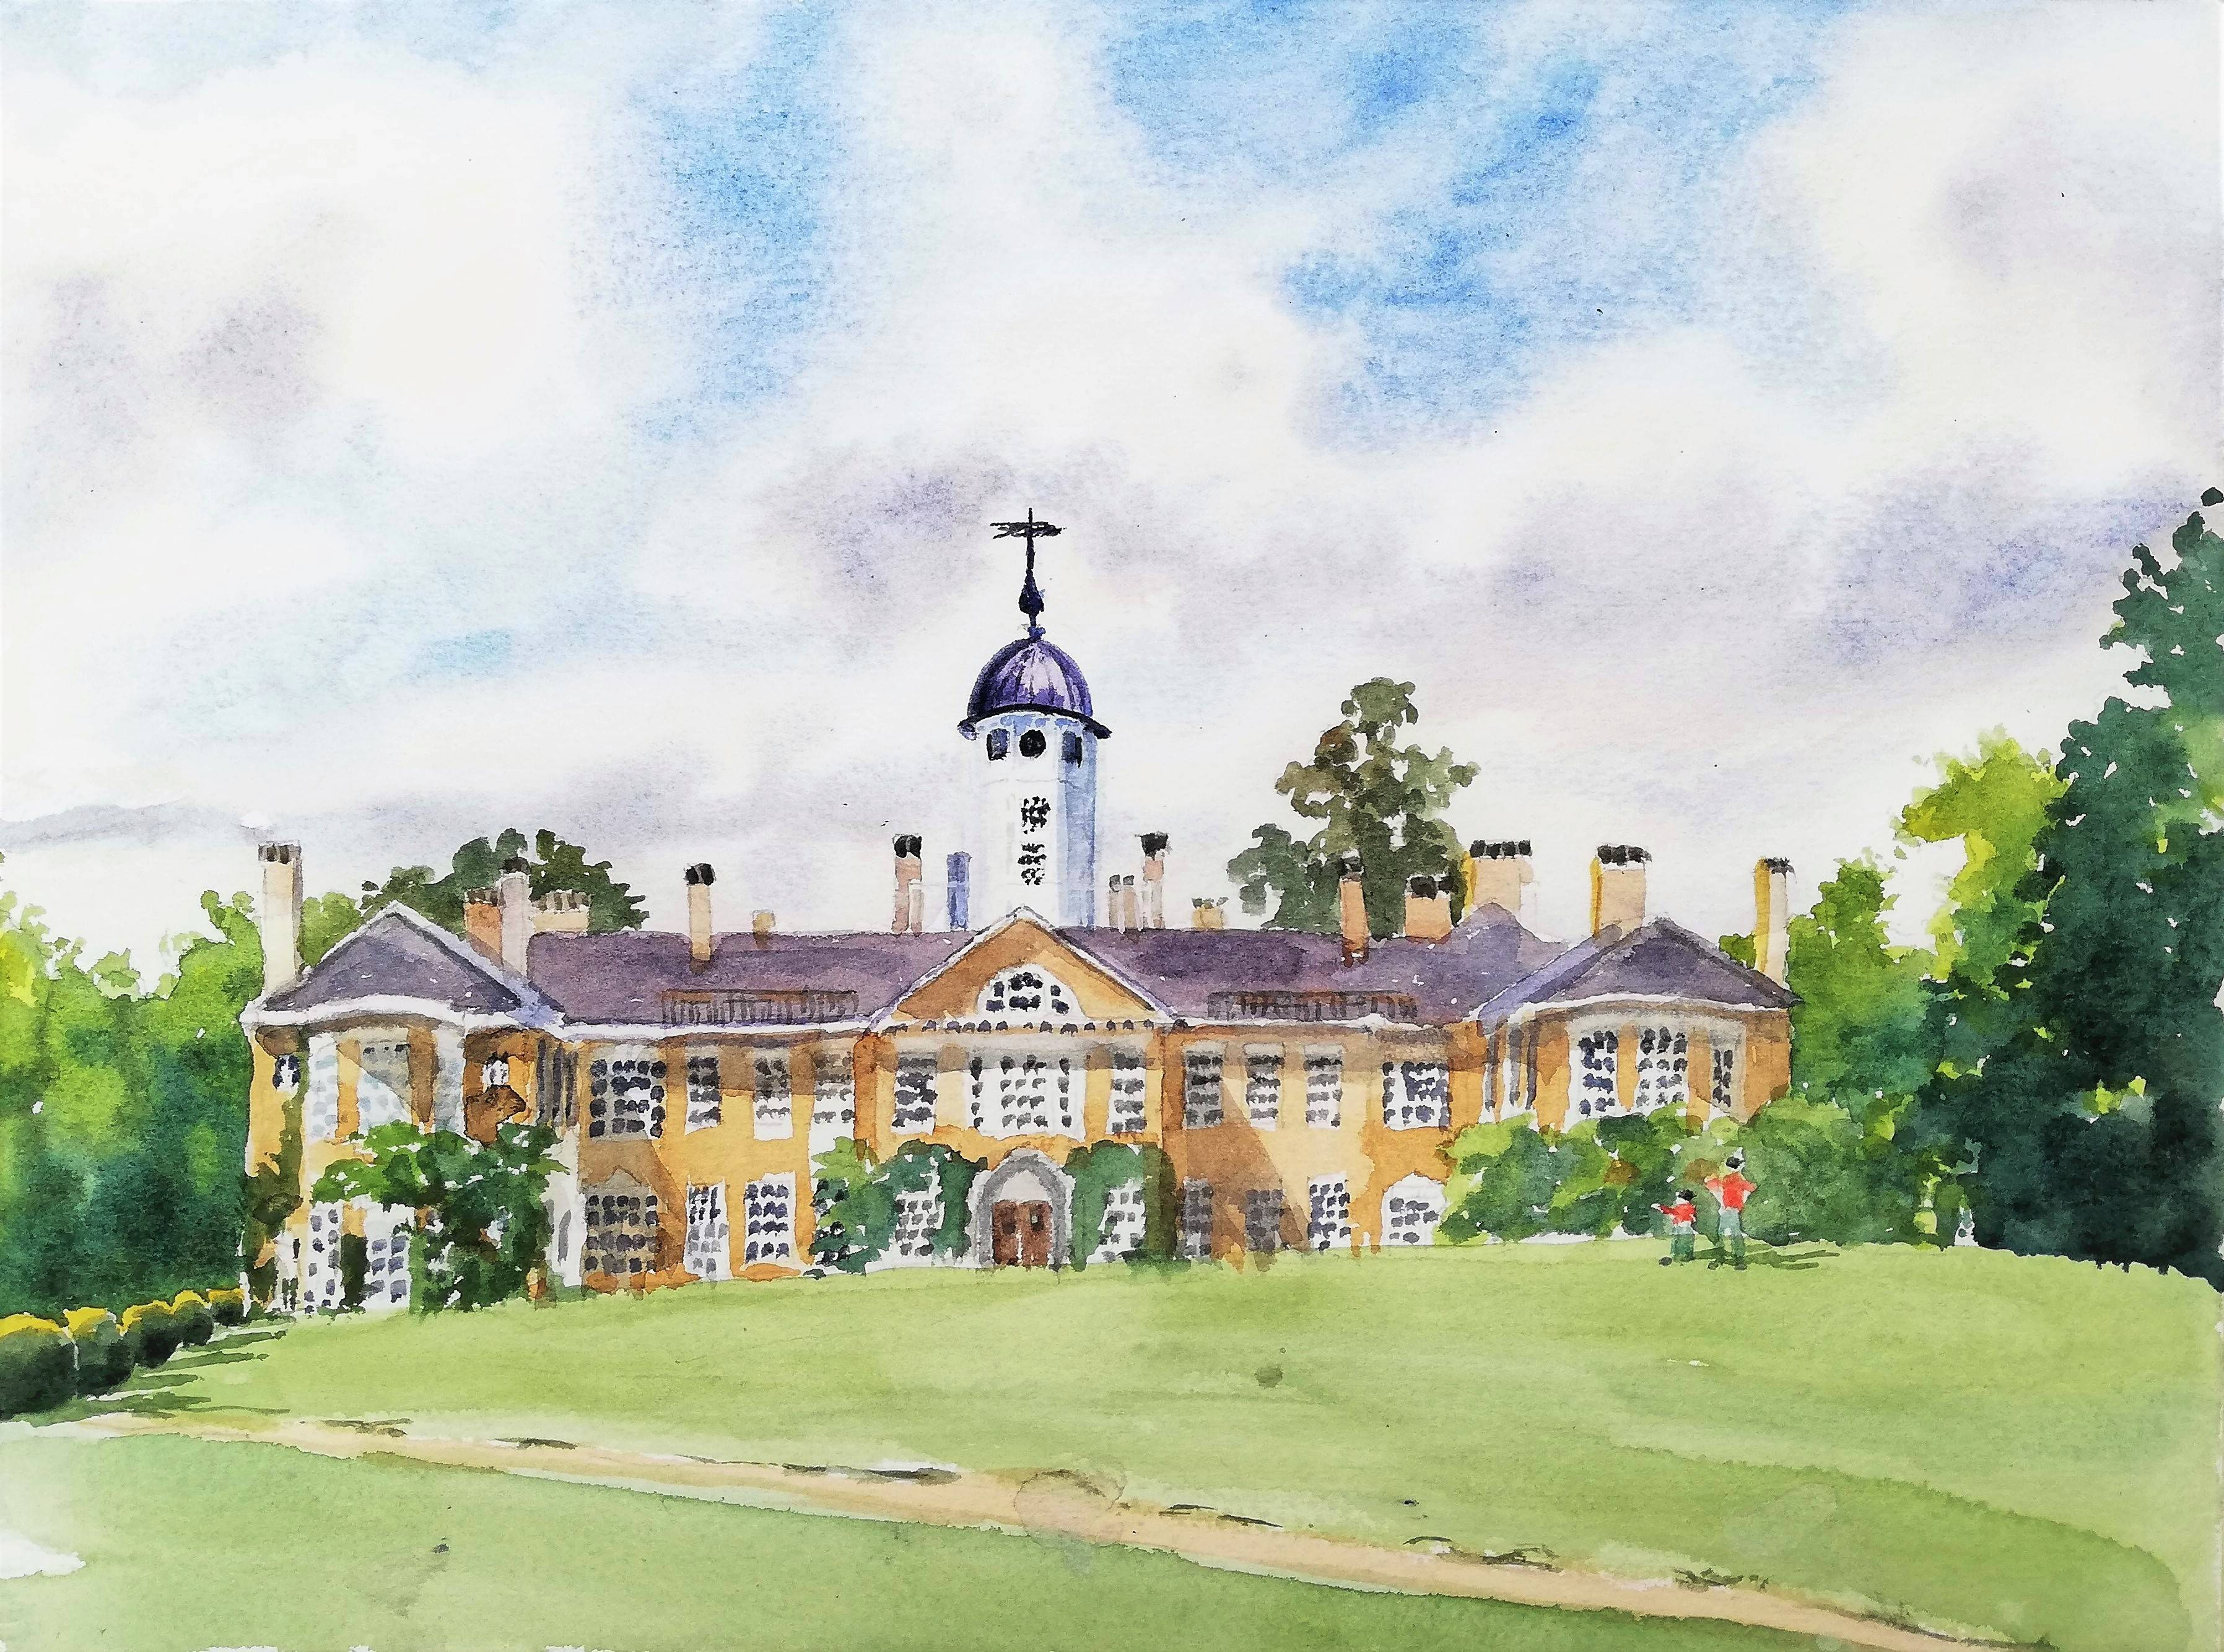 Polesden Lacey, Surrey